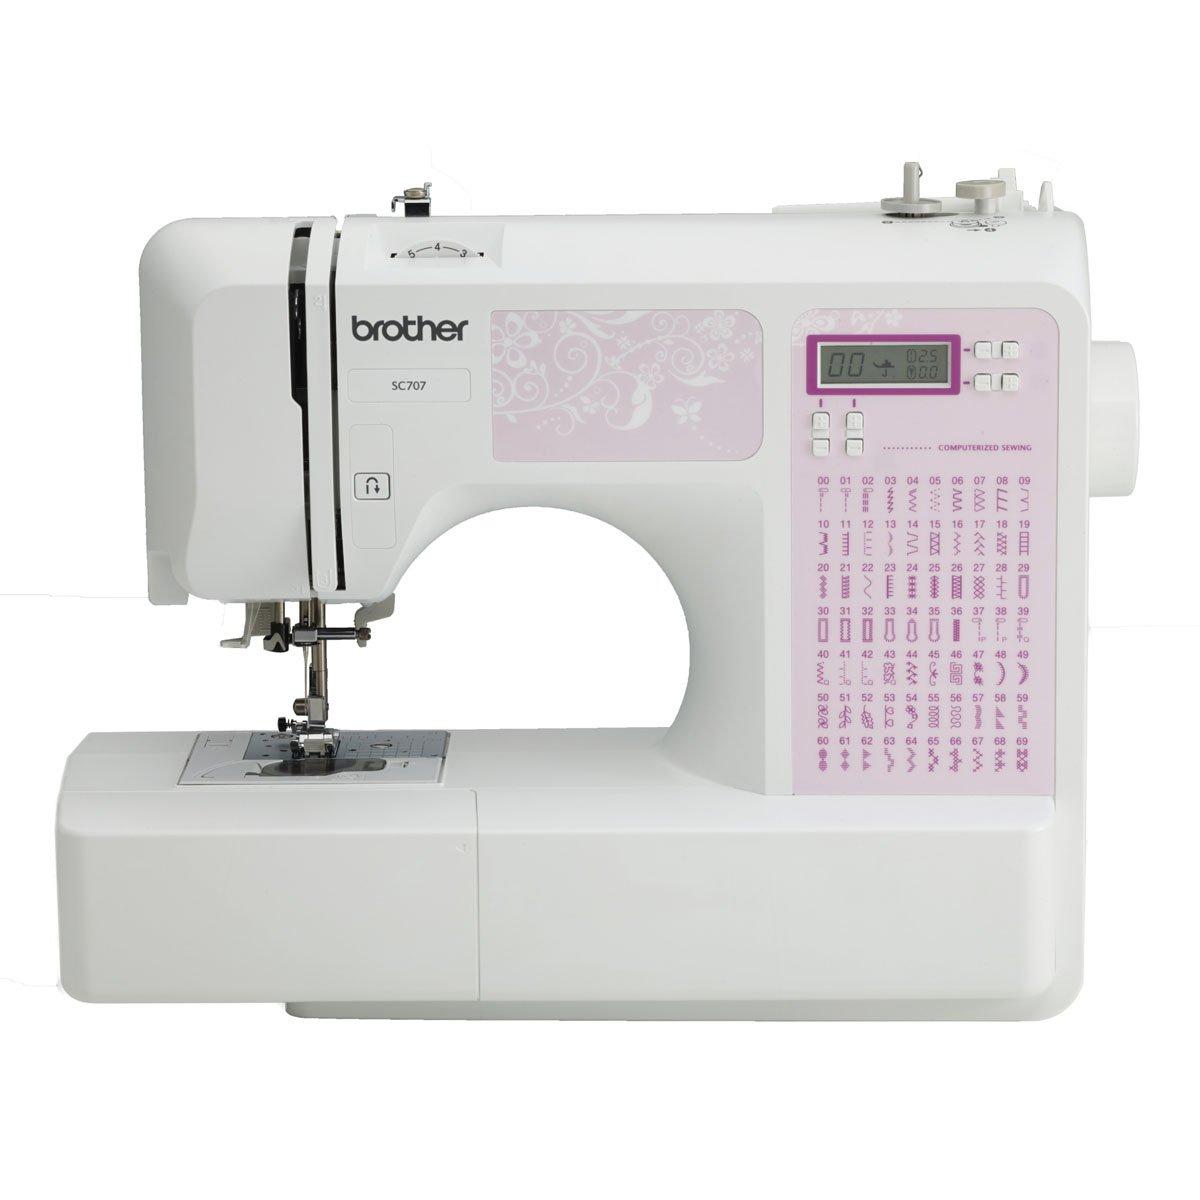 M quina de coser computarizada brother sears com mx me - Maquinas de coser ladys ...